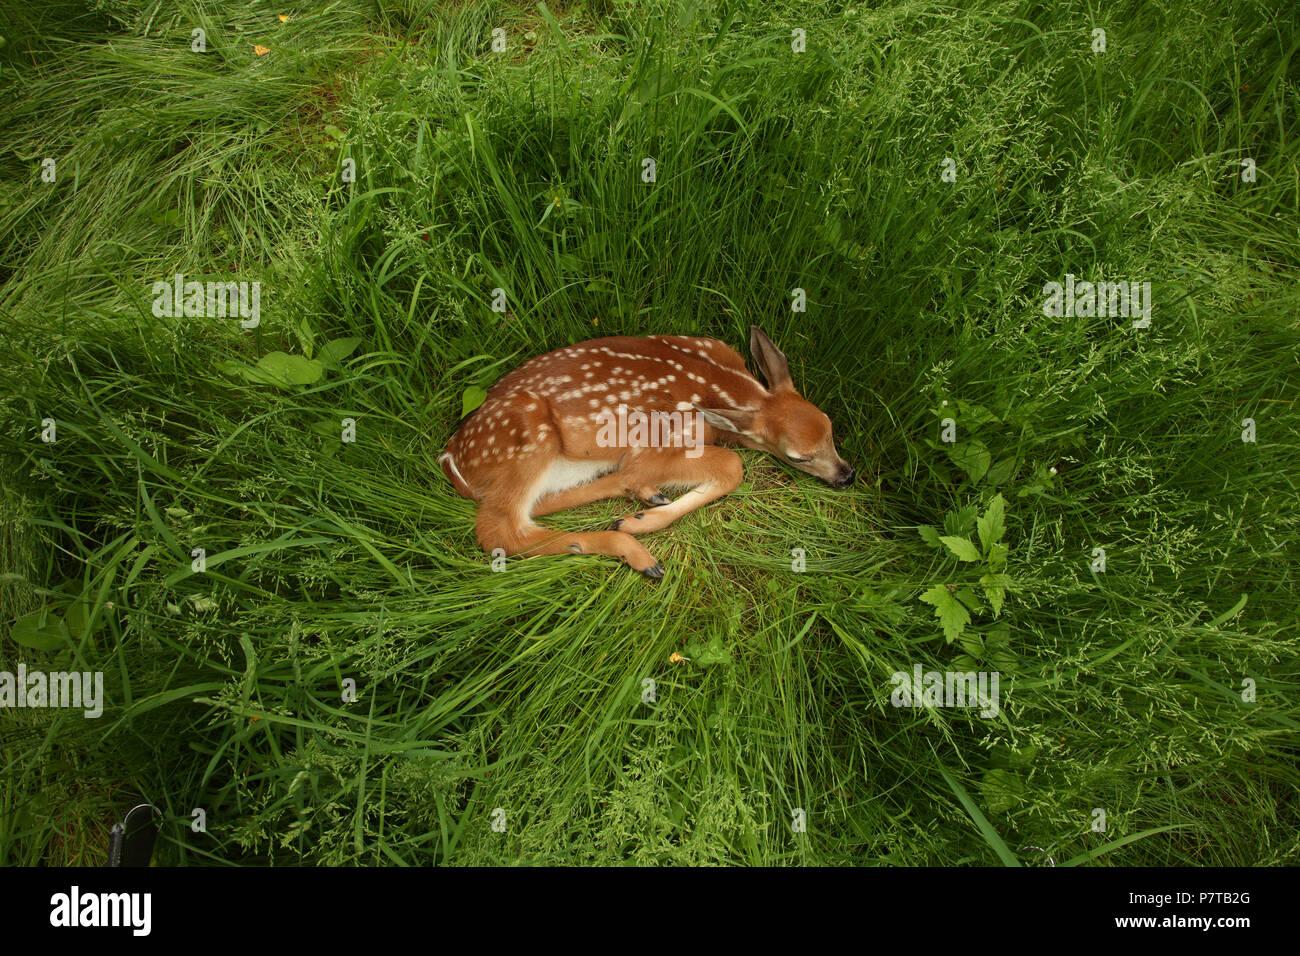 white-tailed deer (Odocoileus virginianus), New York, fawn - Stock Image